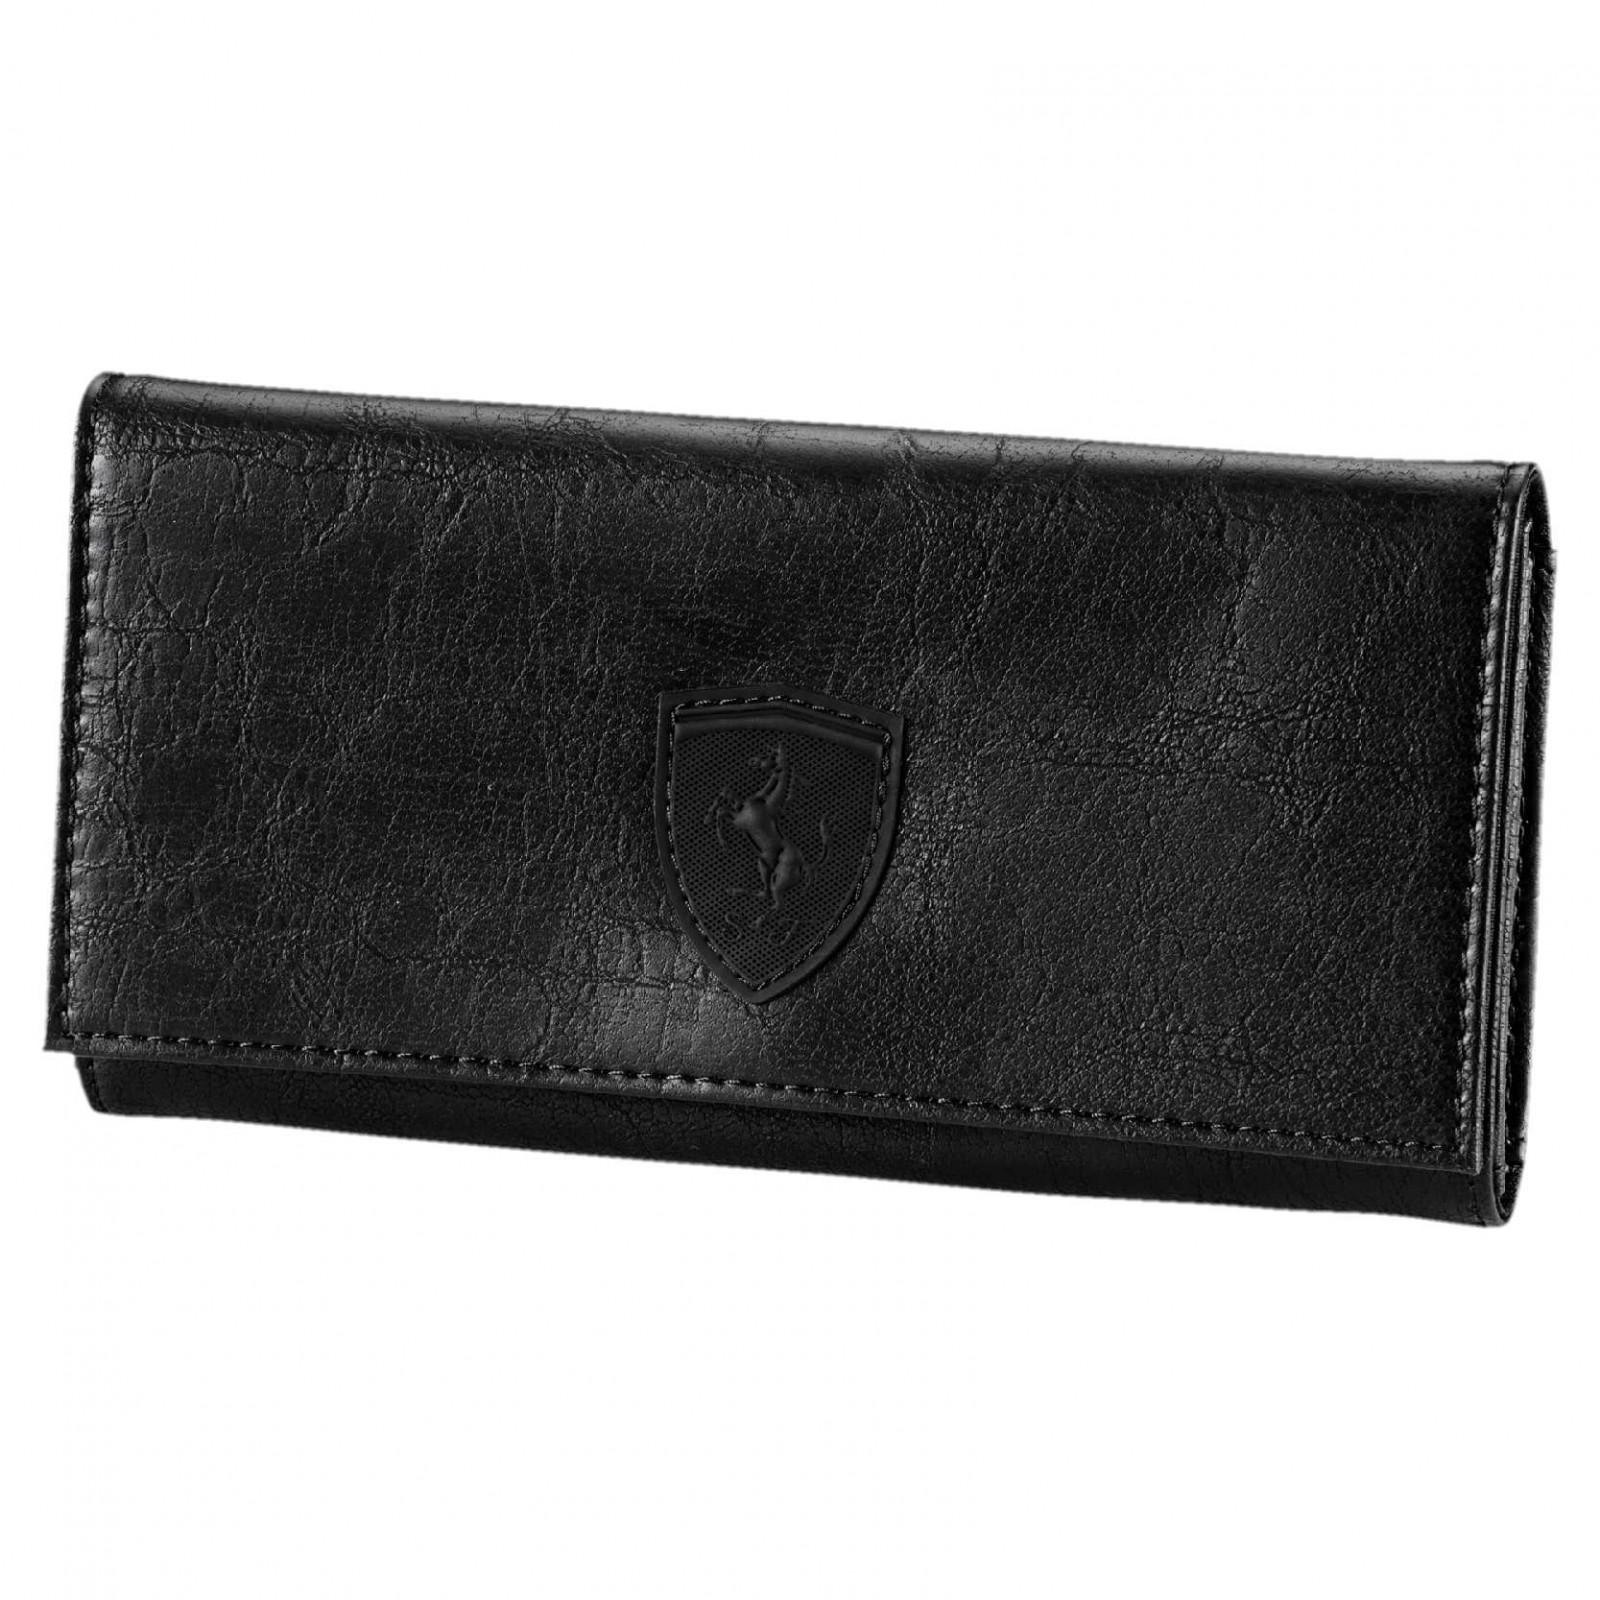 ... Ferrari SF LS Wallet F Puma Black Black. -42%. Puma ... 02b8504a7c9